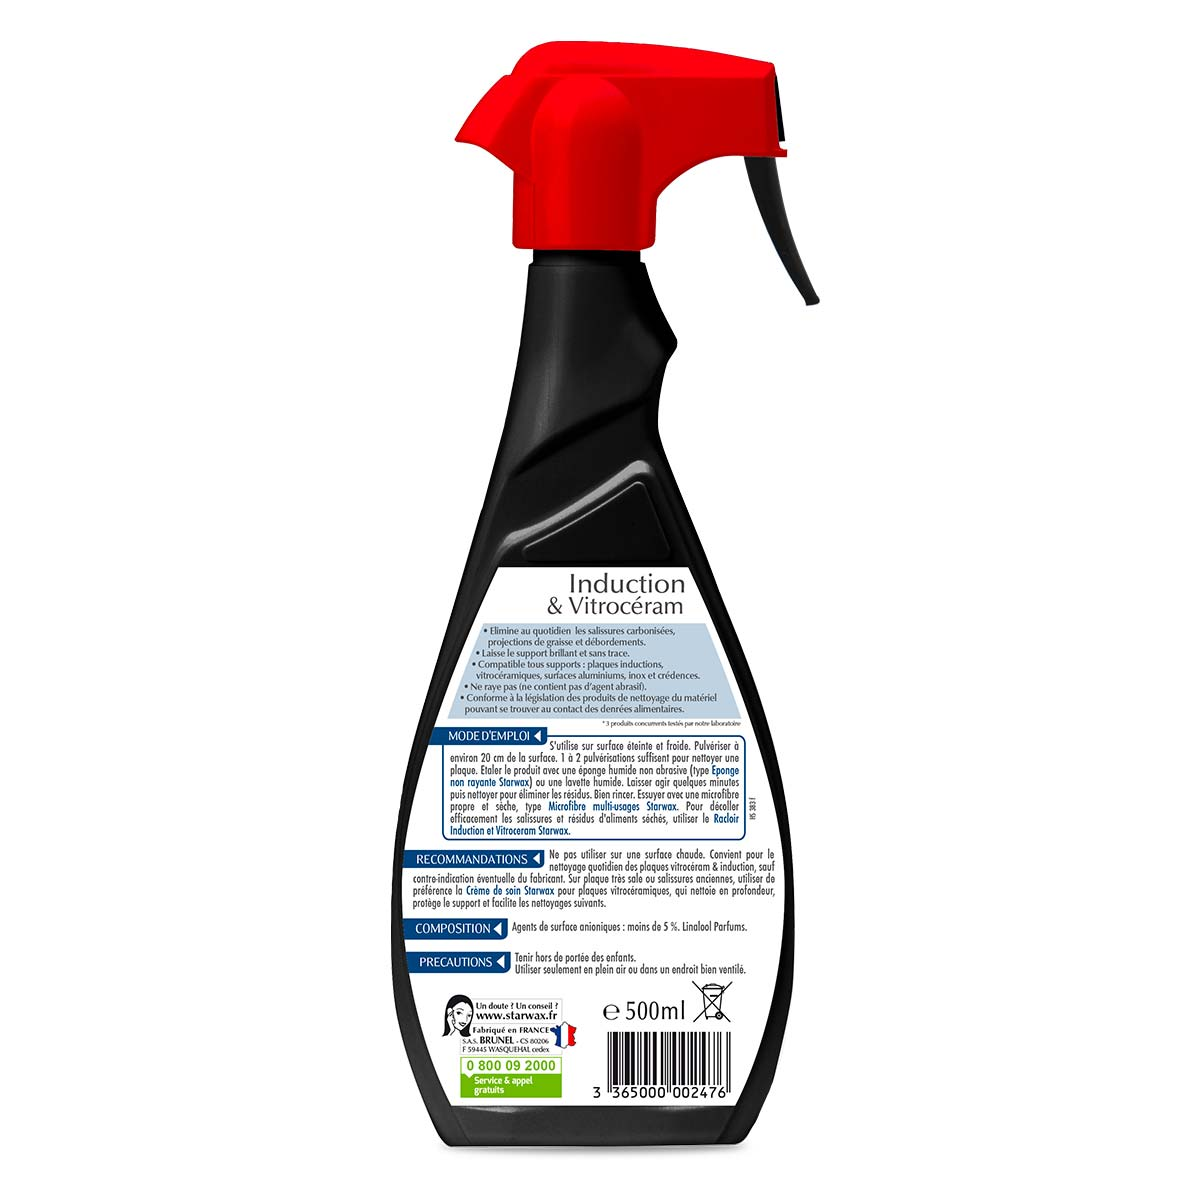 Produit Pour Nettoyer Vitroceramique nettoyant quotidien pour vitroceramique & induction